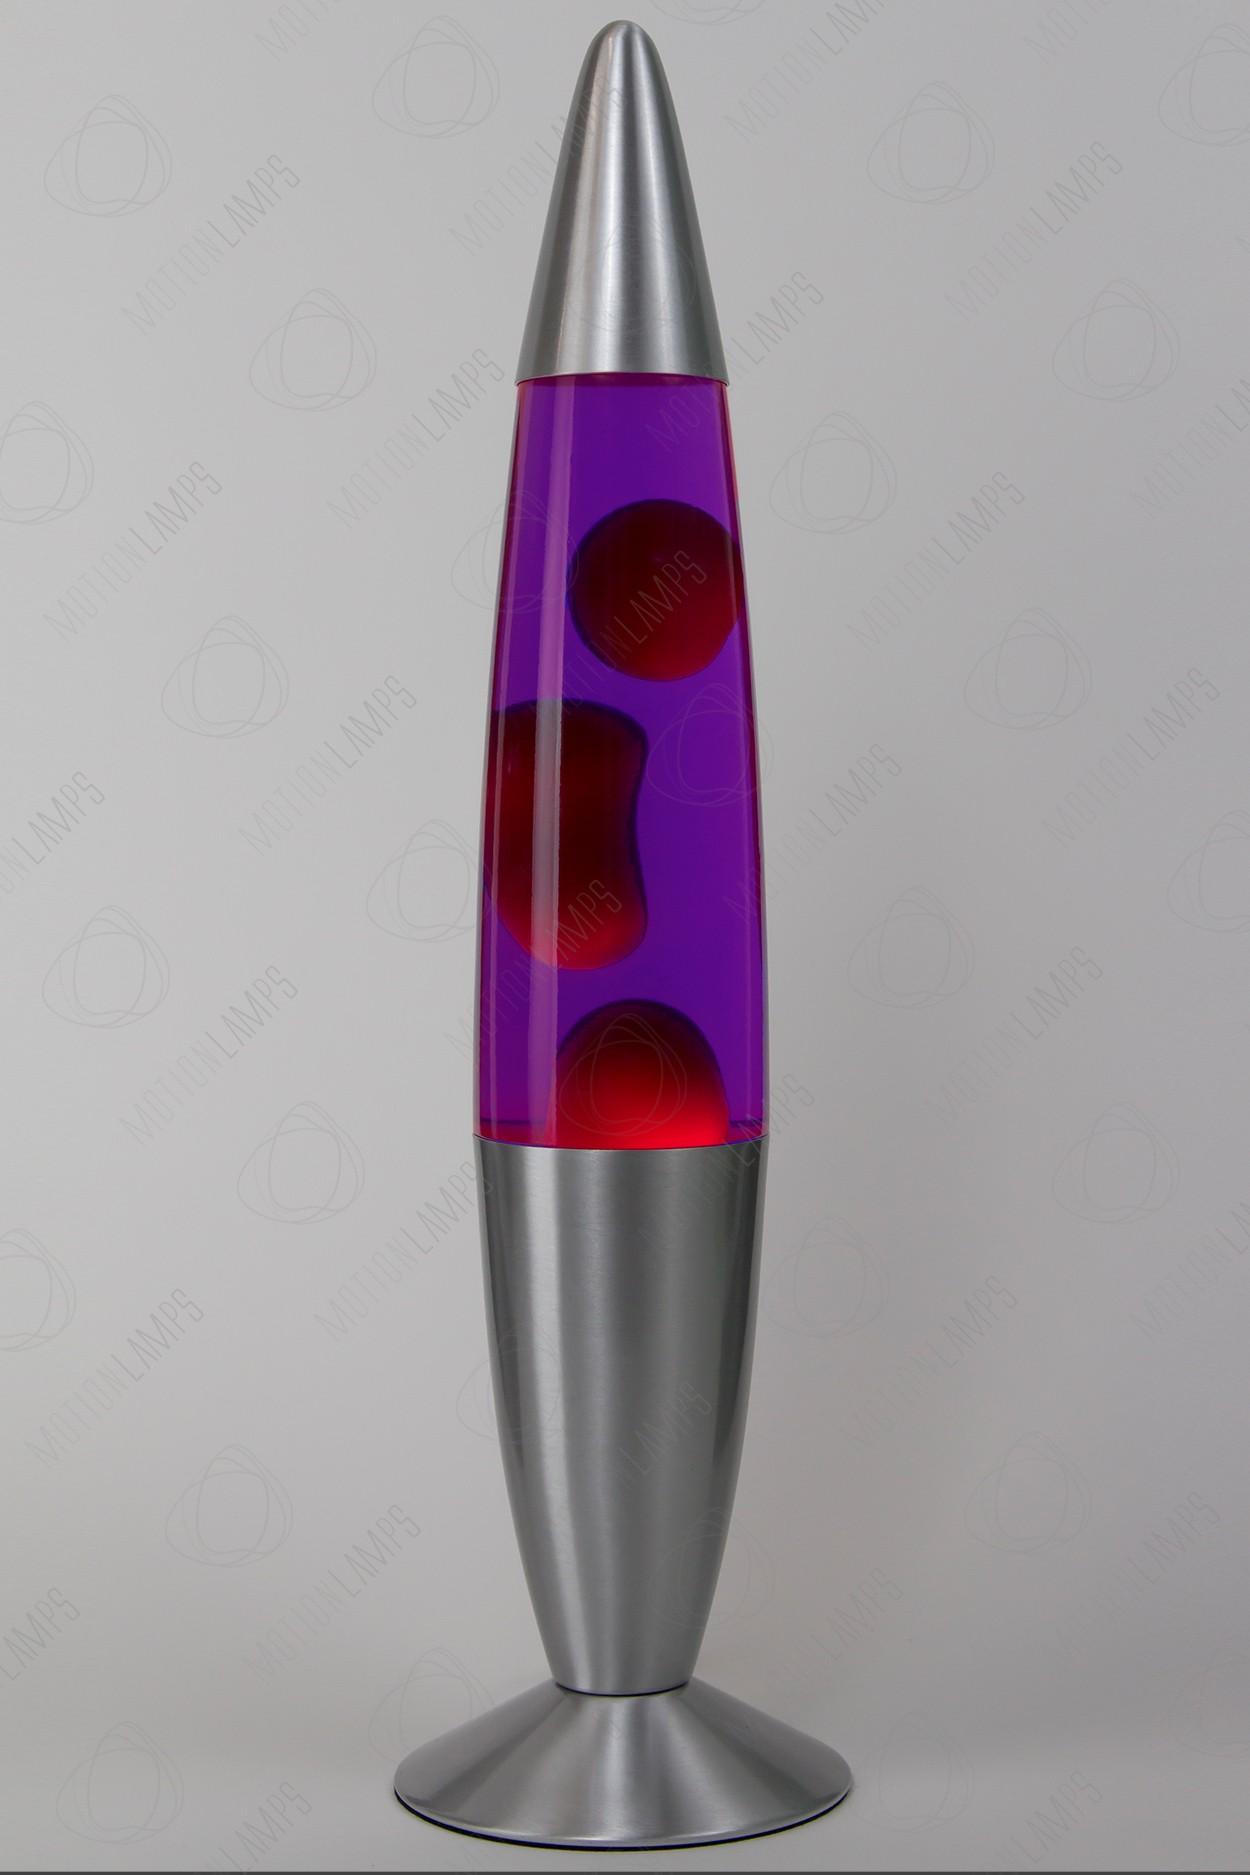 Лава-лампа 48см Красная/Фиолетовая (Воск) в Ярославле